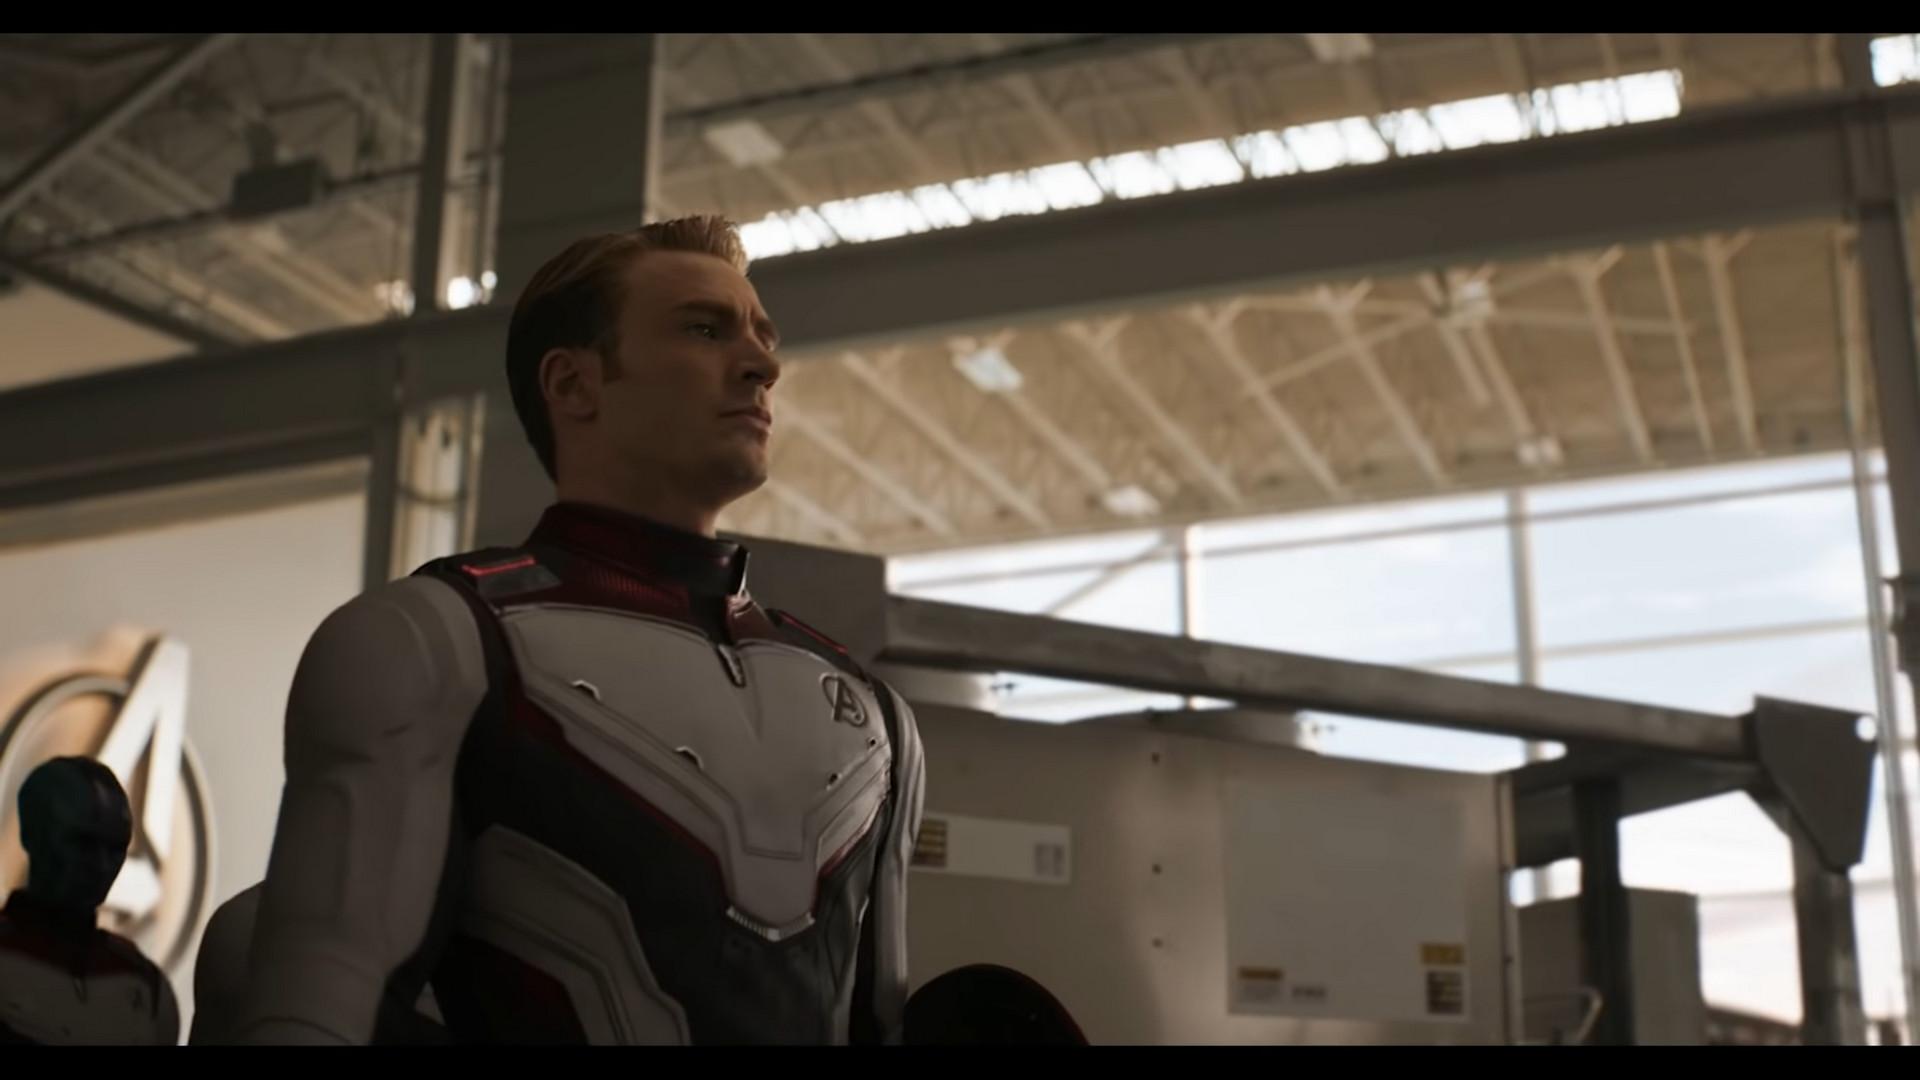 復仇者聯盟4 Picture: 《復仇者聯盟4:終局之戰》IMAX看更多,美國隊長汎合金圓盾回歸